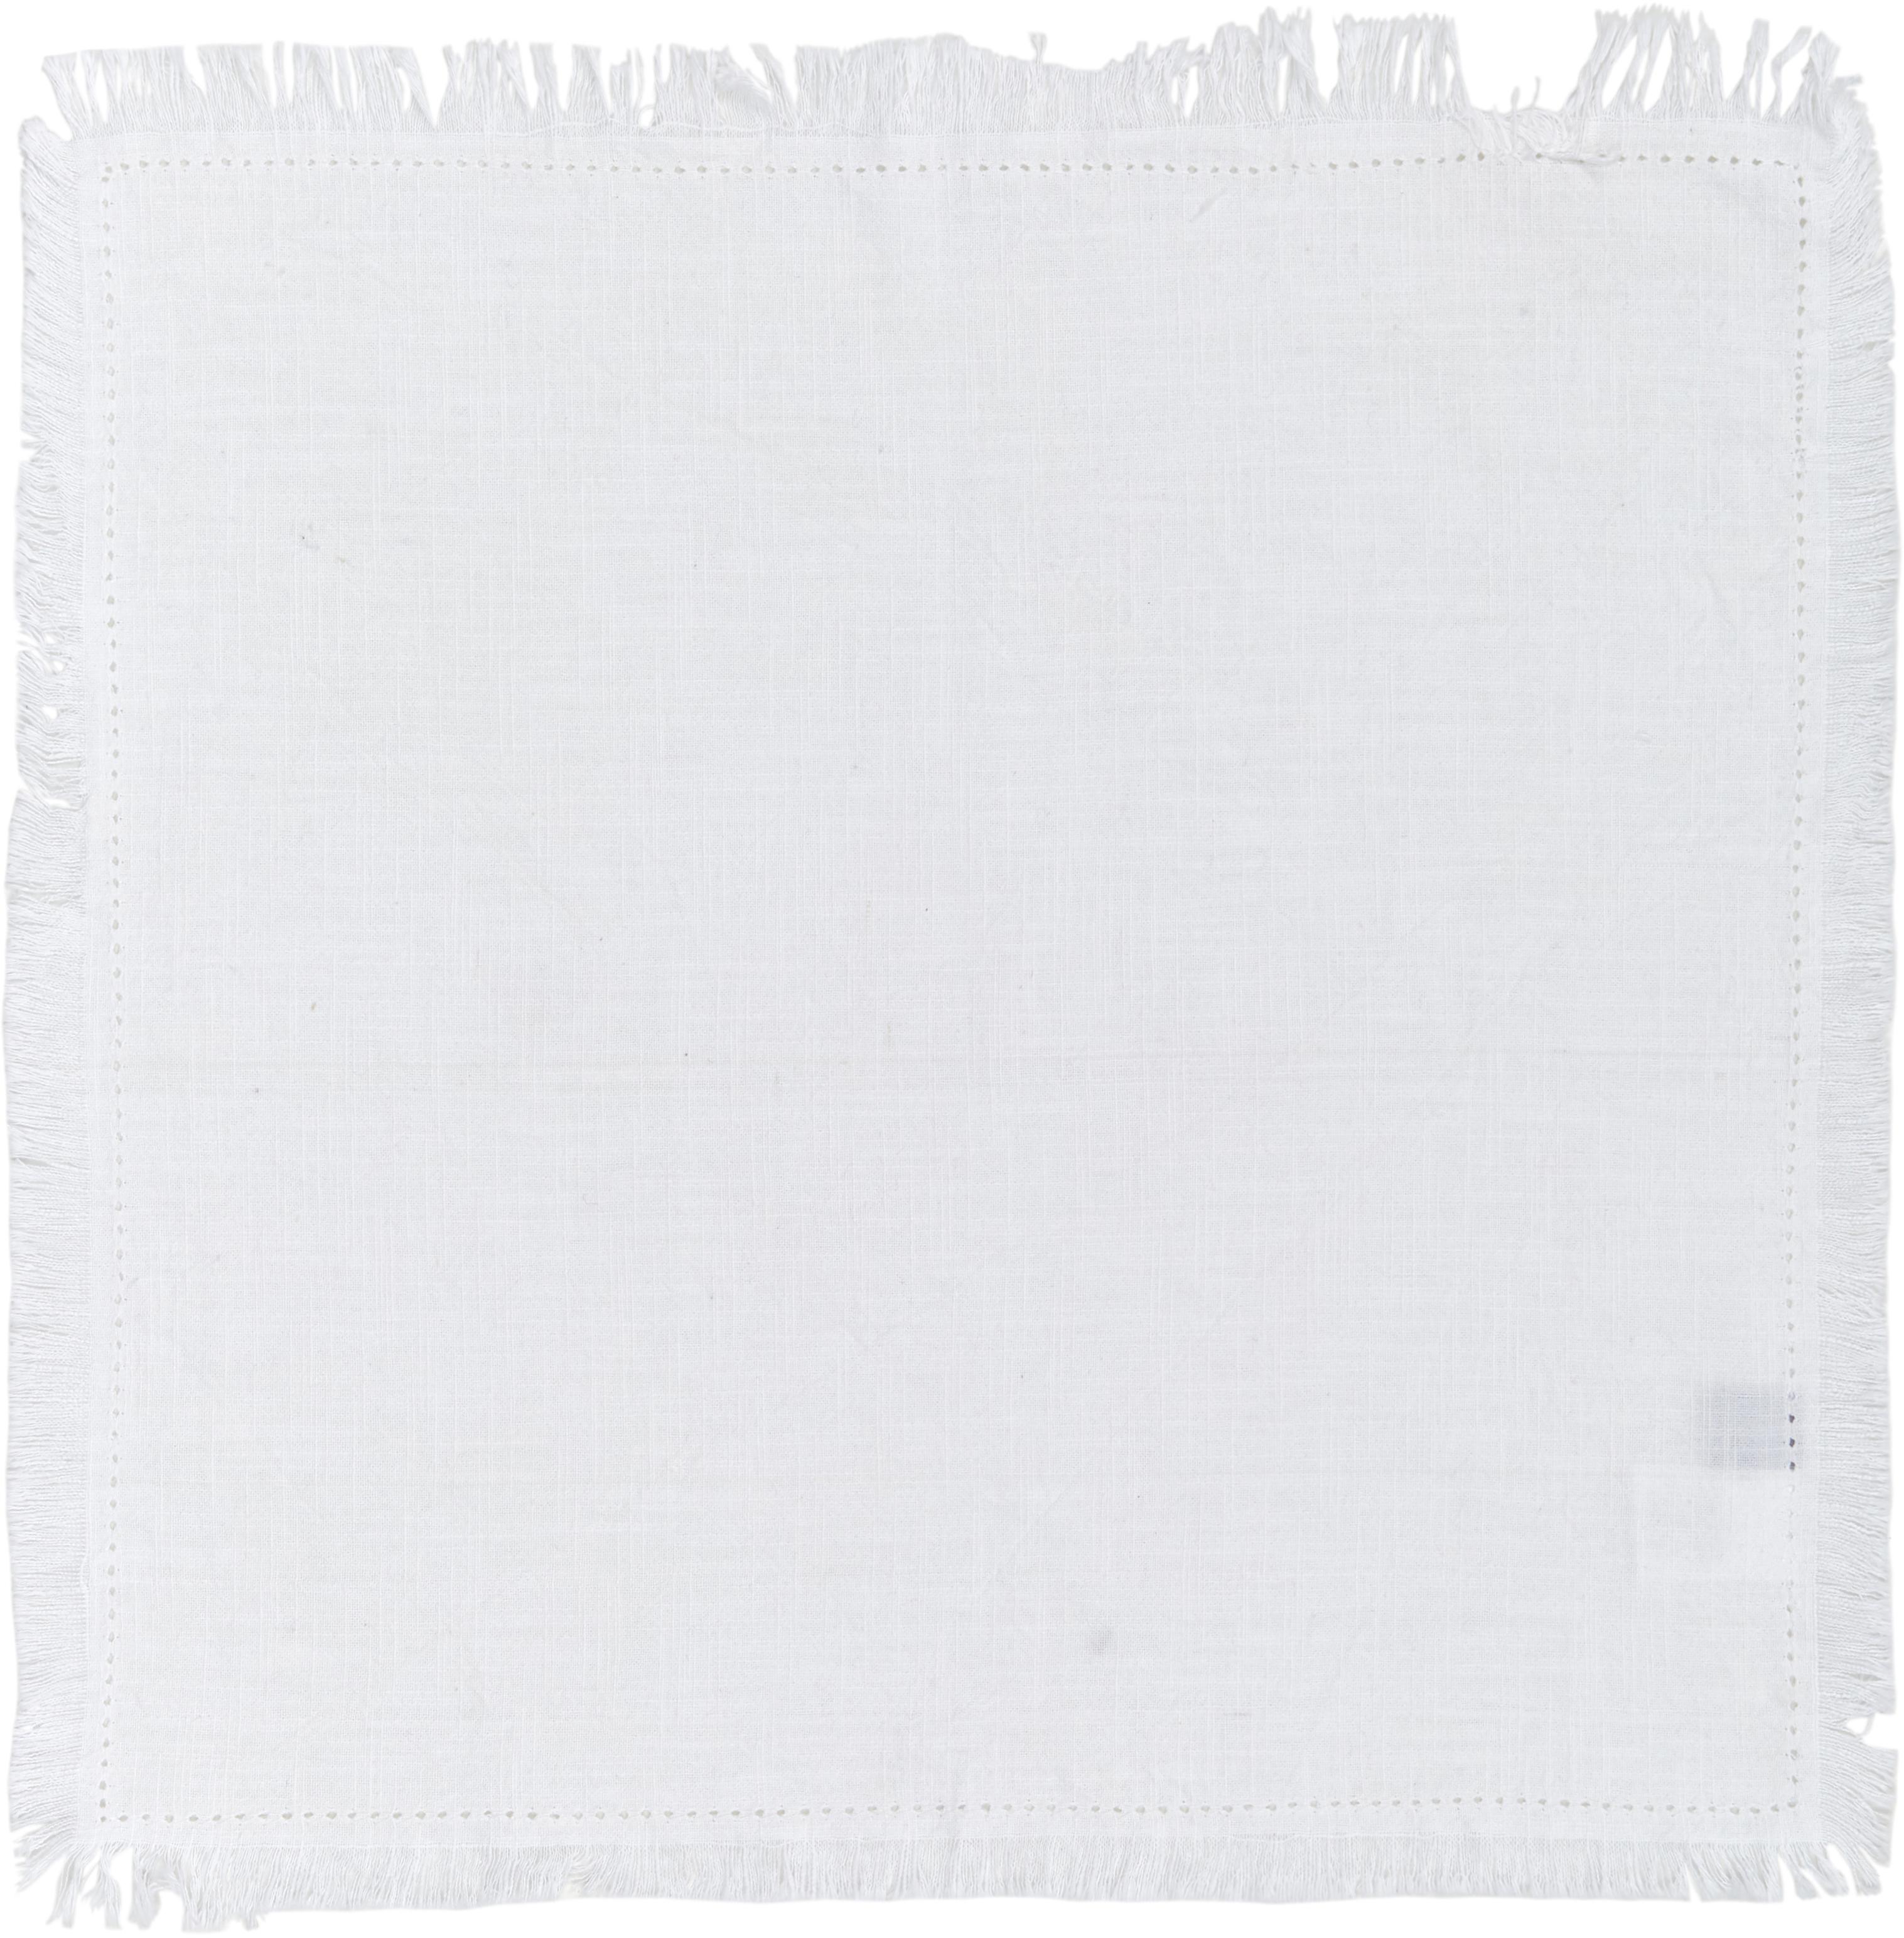 Baumwoll-Servietten Hilma mit Fransen, 2 Stück, 100% Baumwolle, Weiß, 45 x 45 cm